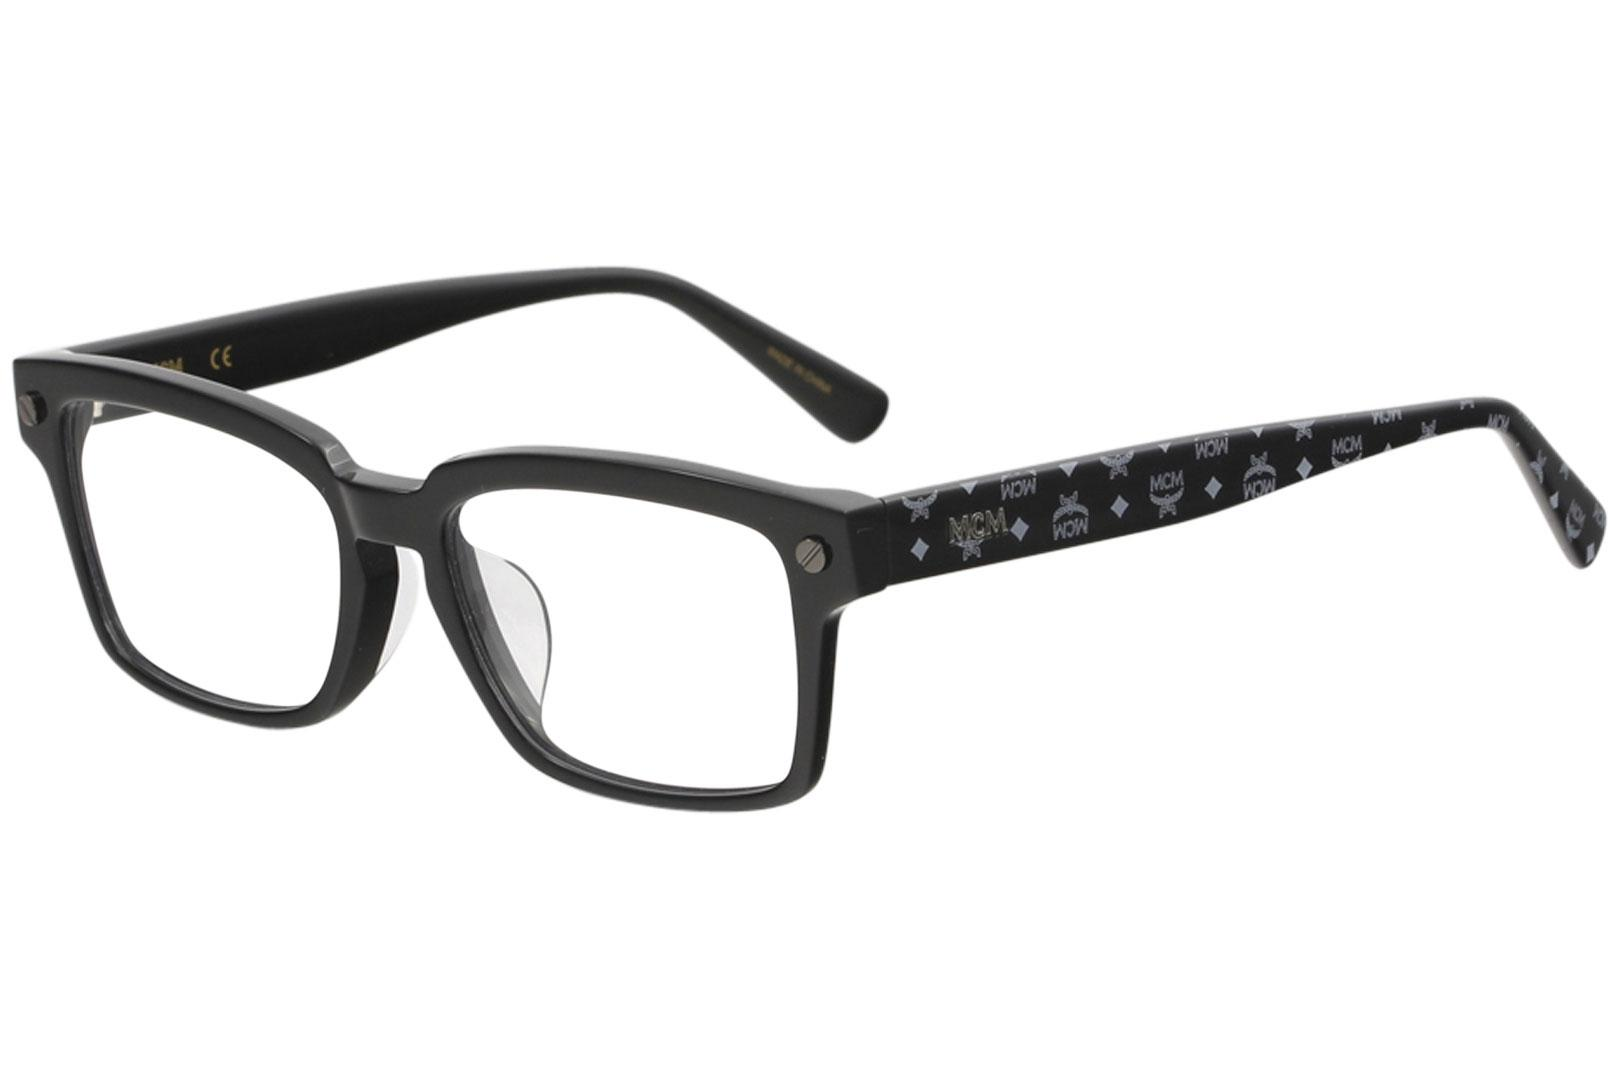 33b1cf333e1 MCM Women s Eyeglasses 2649A Full Rim Optical Frame